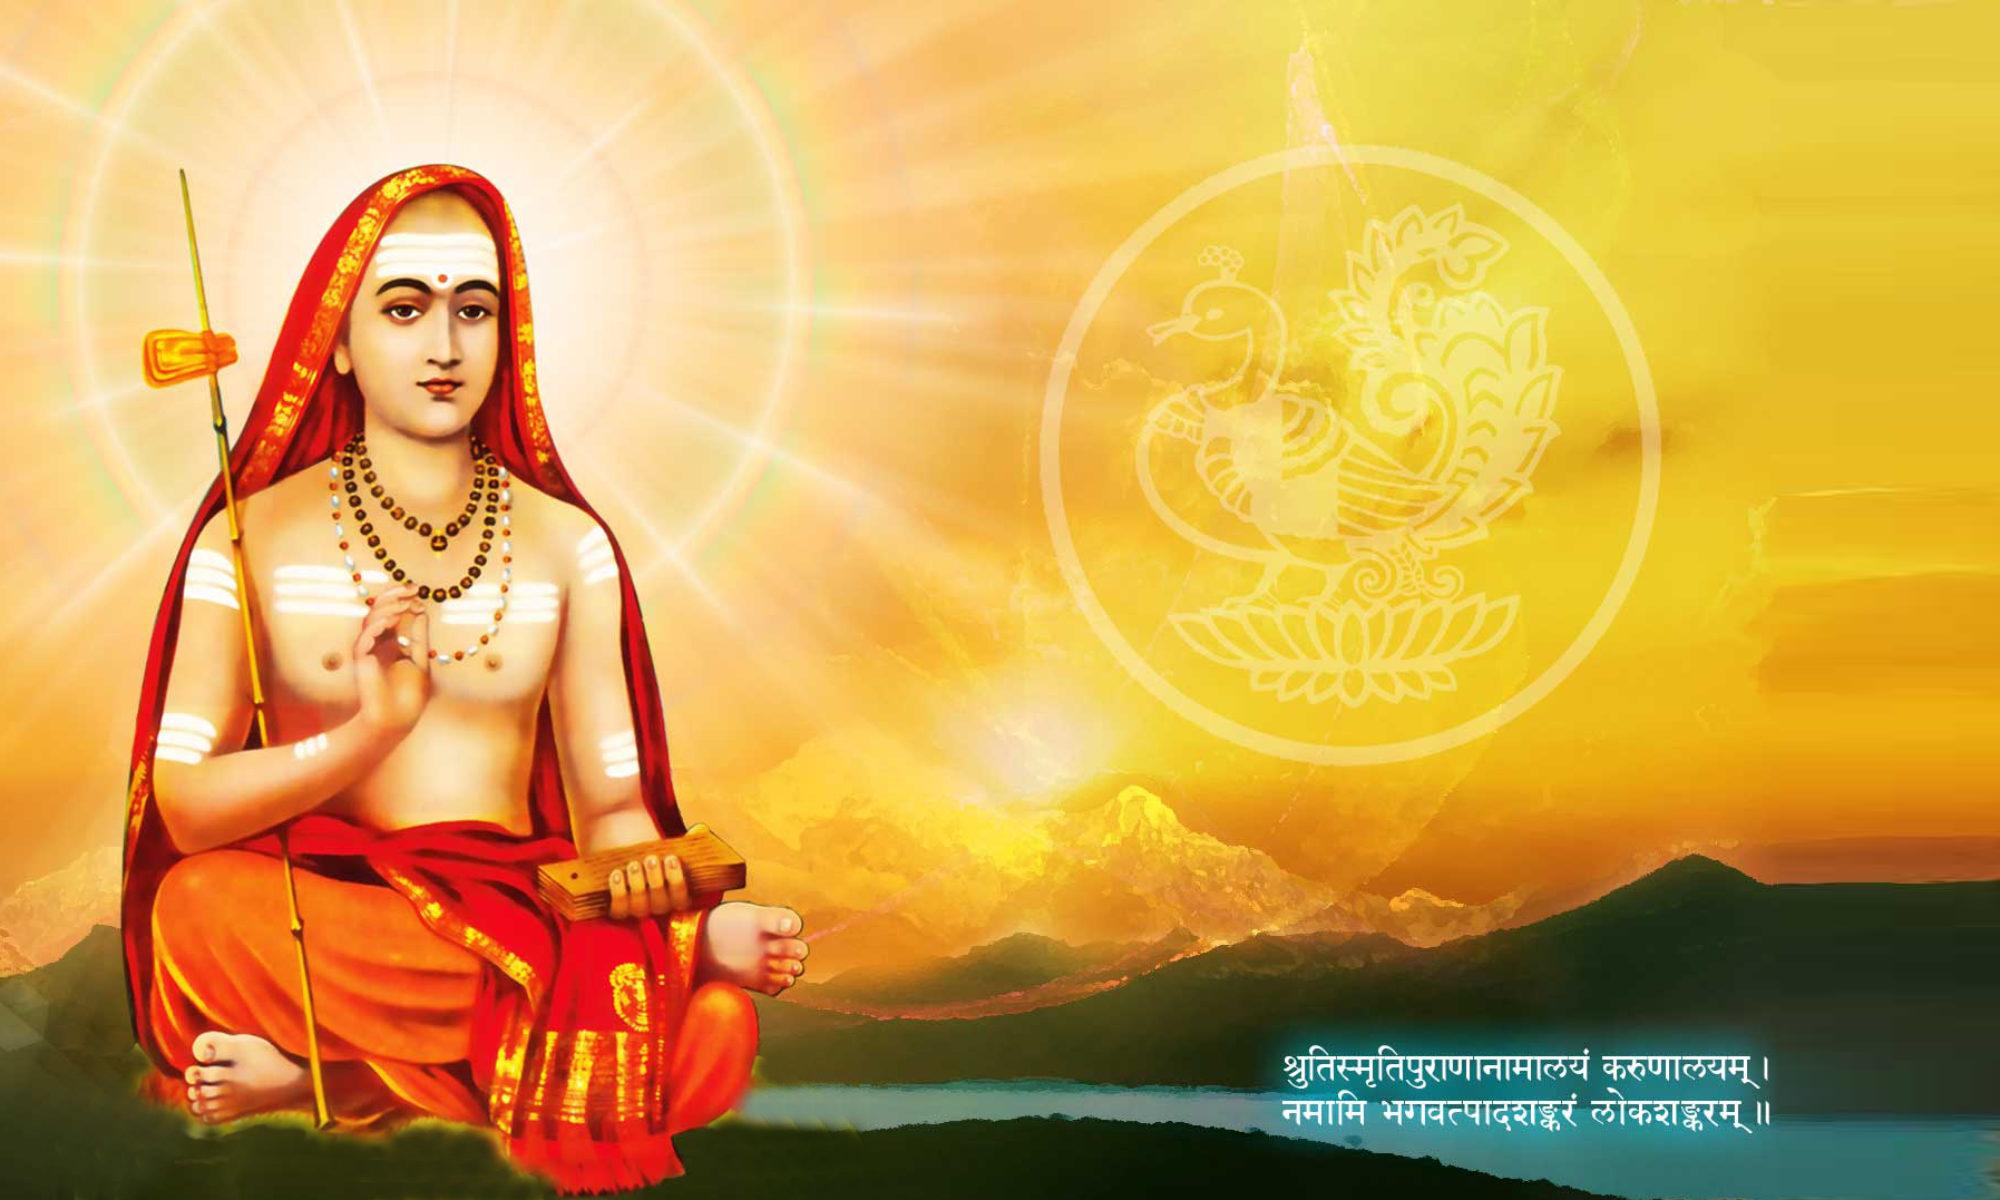 Shankaracharya Yoga Vedanta